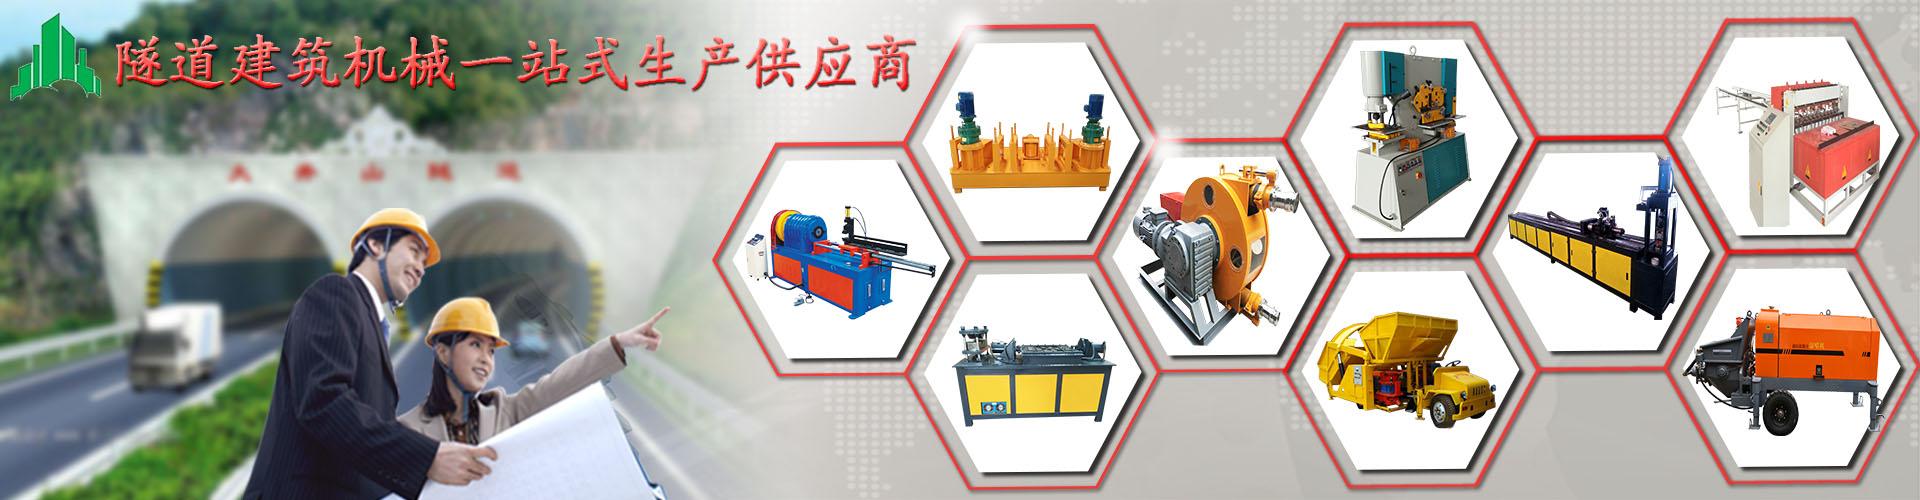 隧道钢筋加工厂成套设备